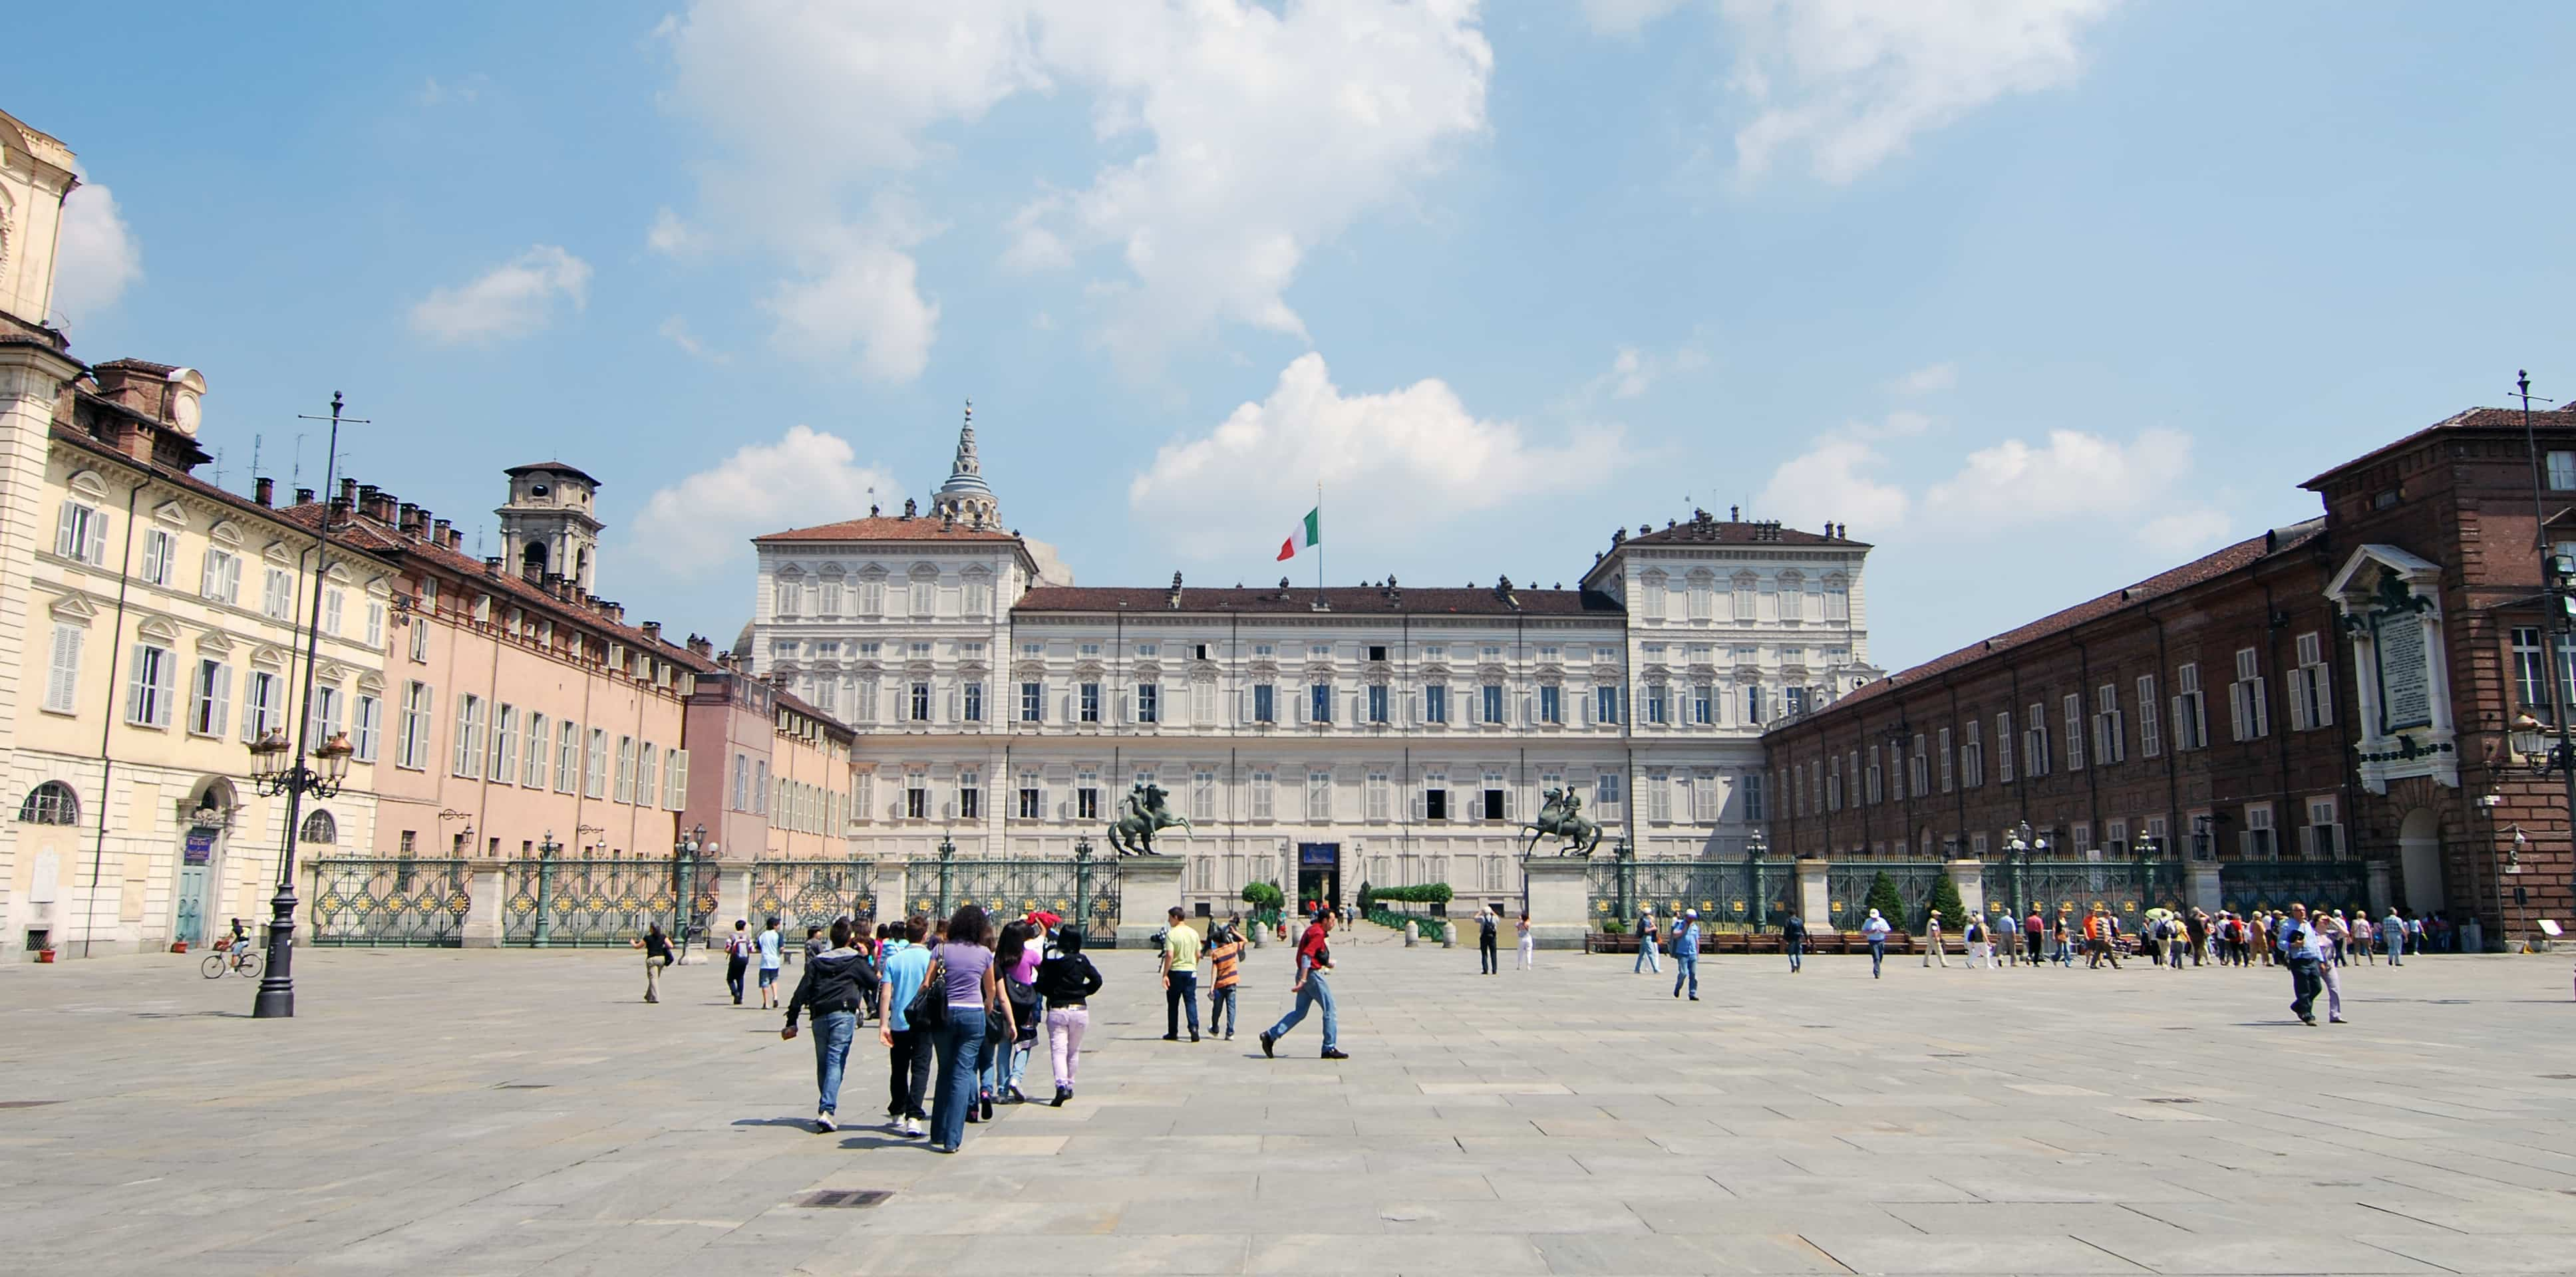 Piazza Costello in Turin